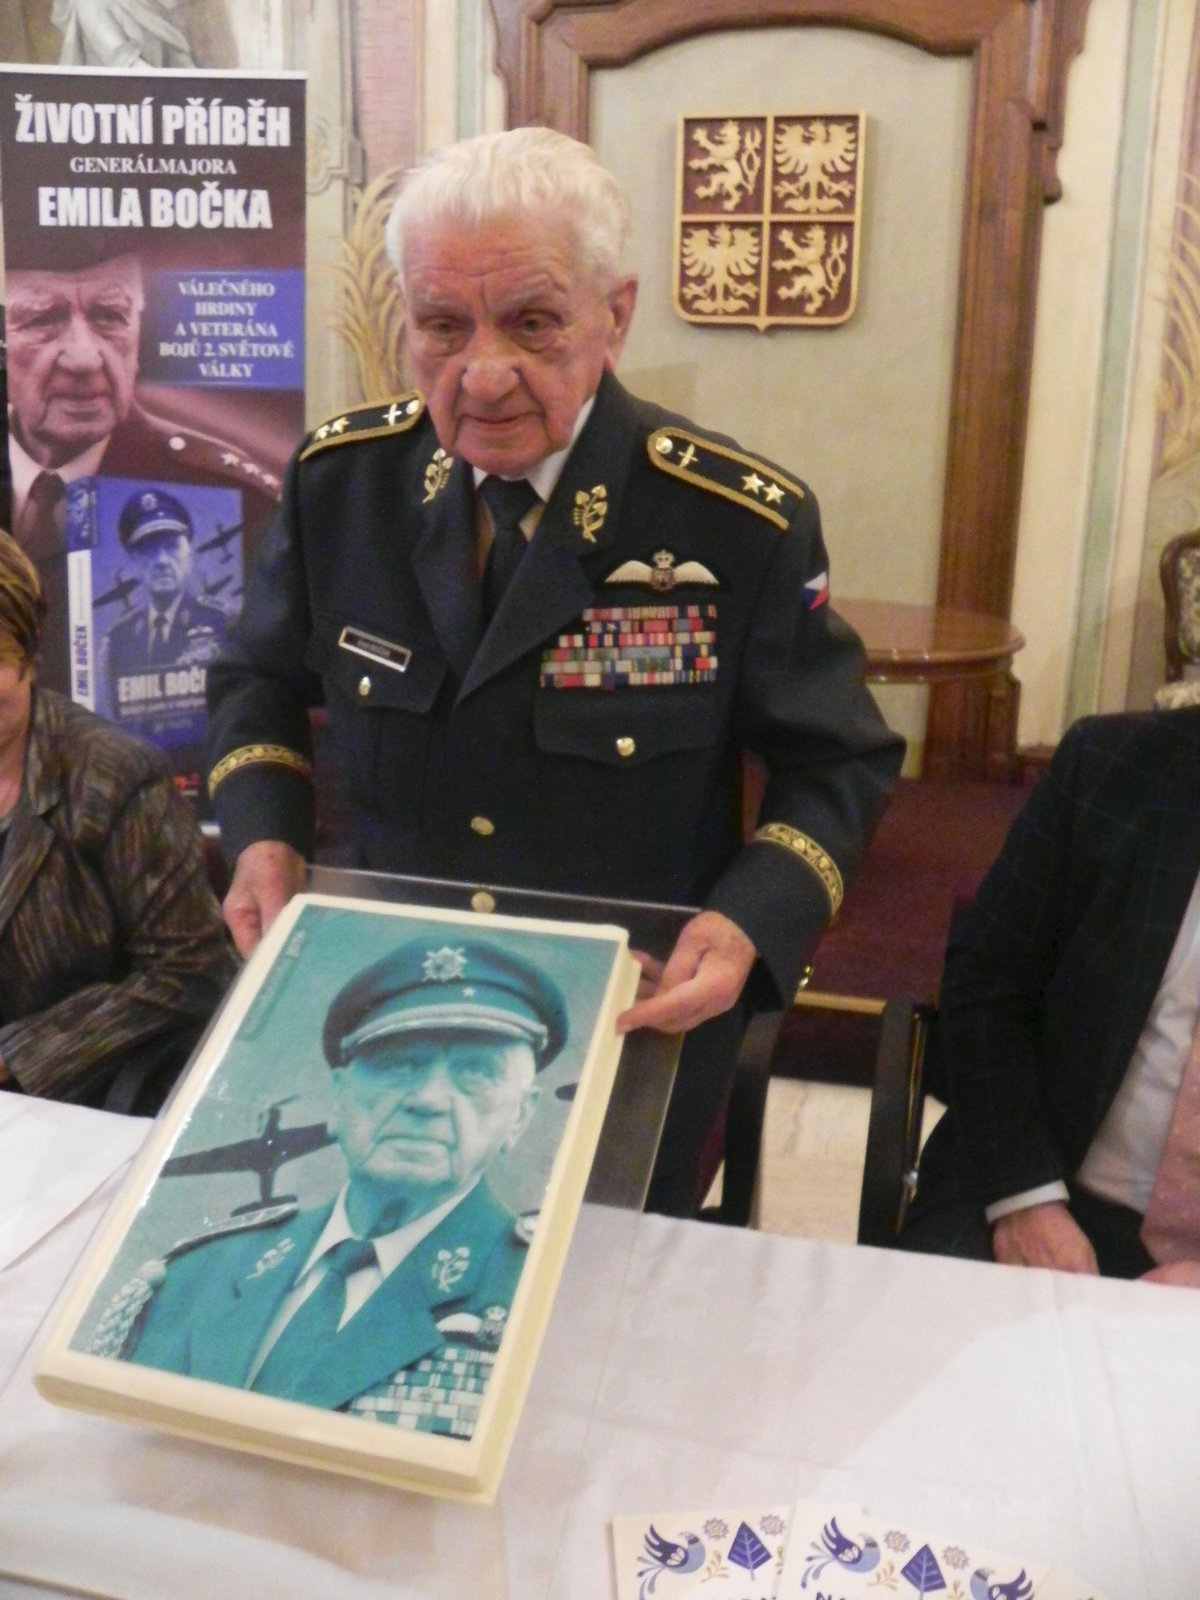 Křest životopisné knihy o válečném veteránovi Emilu Bočkovi. Došlo i na dort v podobě knihy.